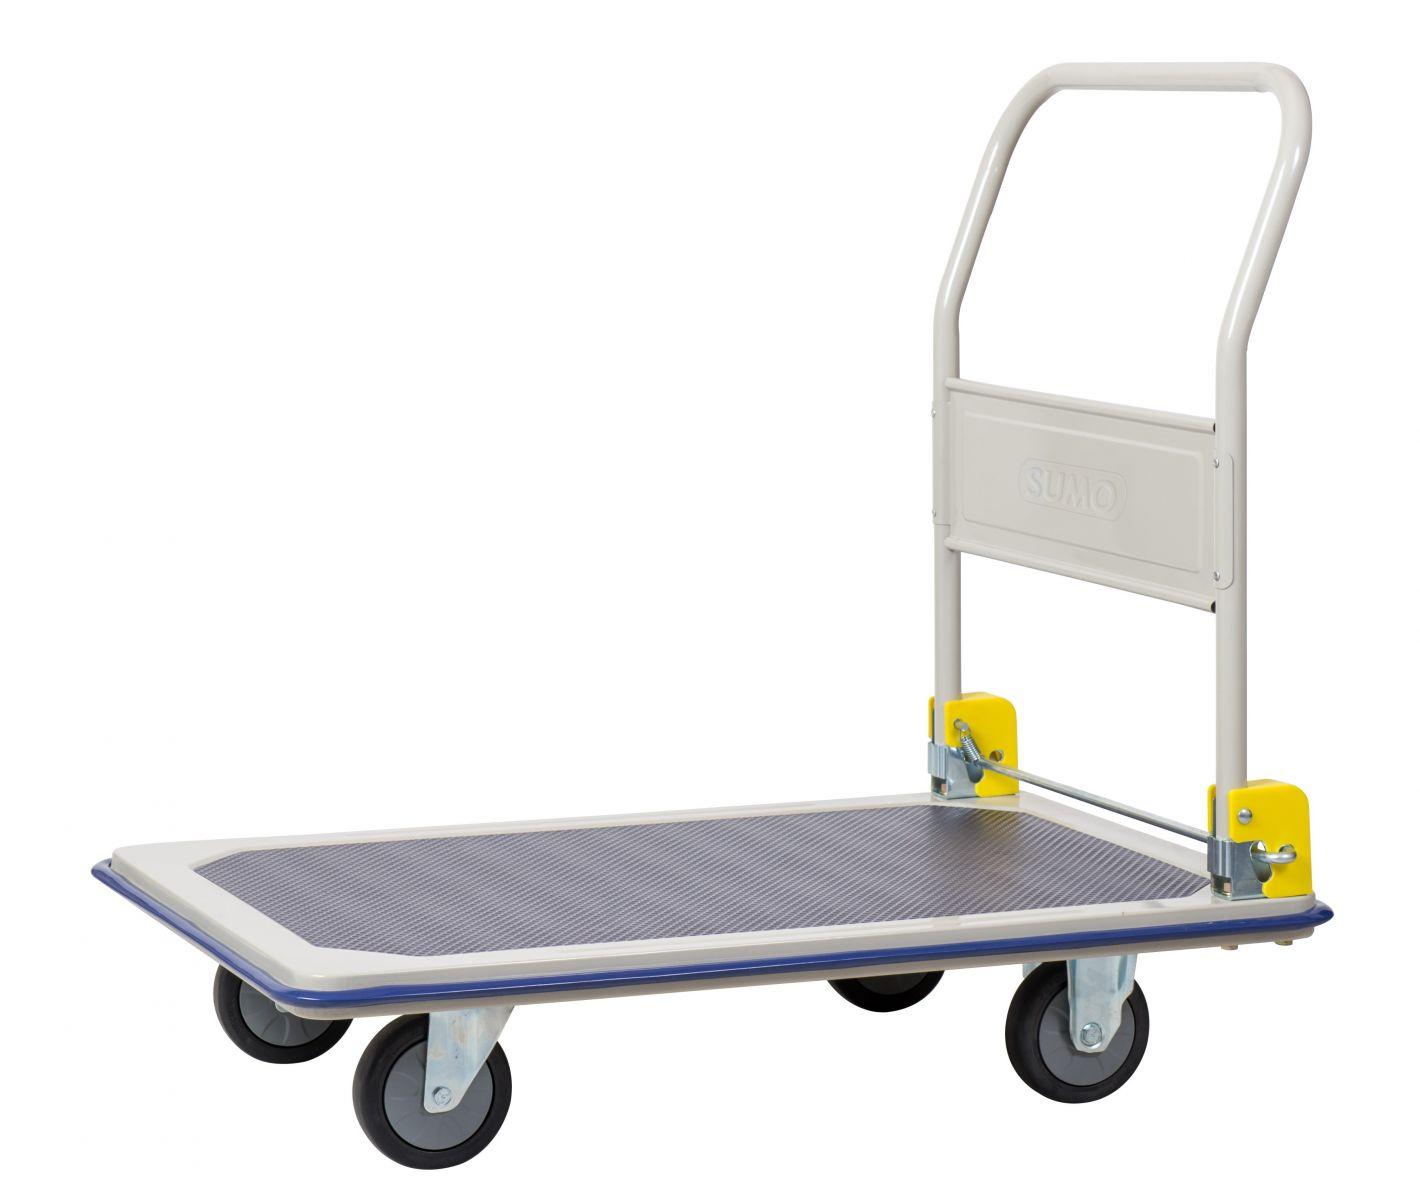 Sử dụng xa đẩy hàng đúng cách để việc vận chuyển được dễ dàng hơn